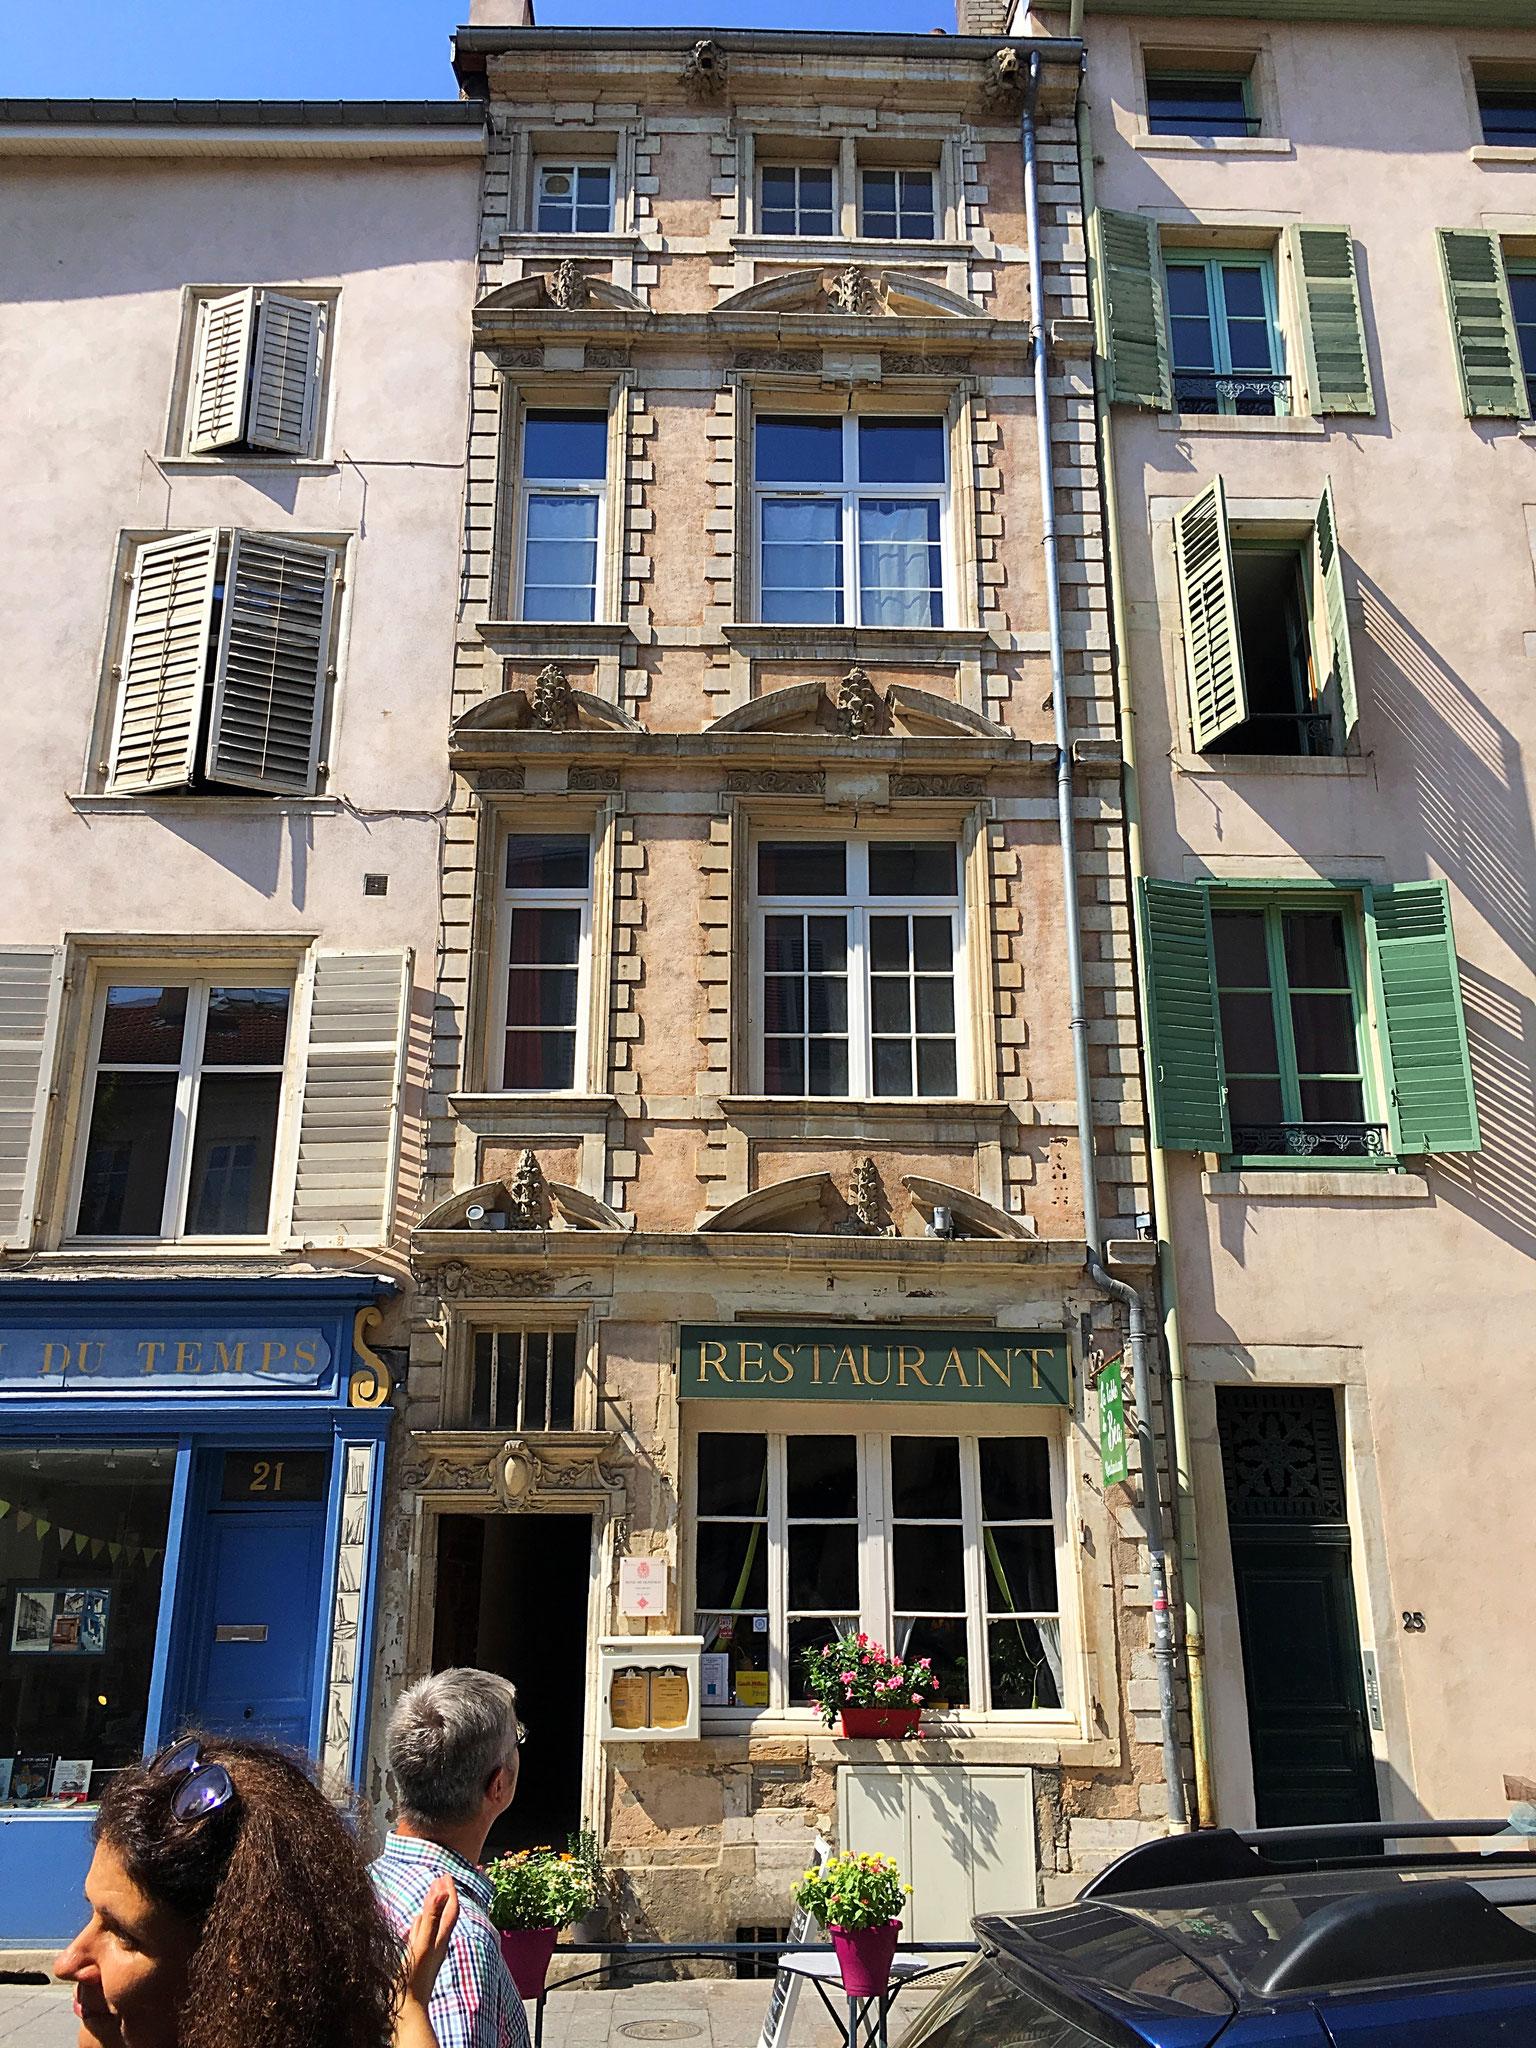 Ein sehr schmales Haus mit Renaissance-Fassade in Nancy